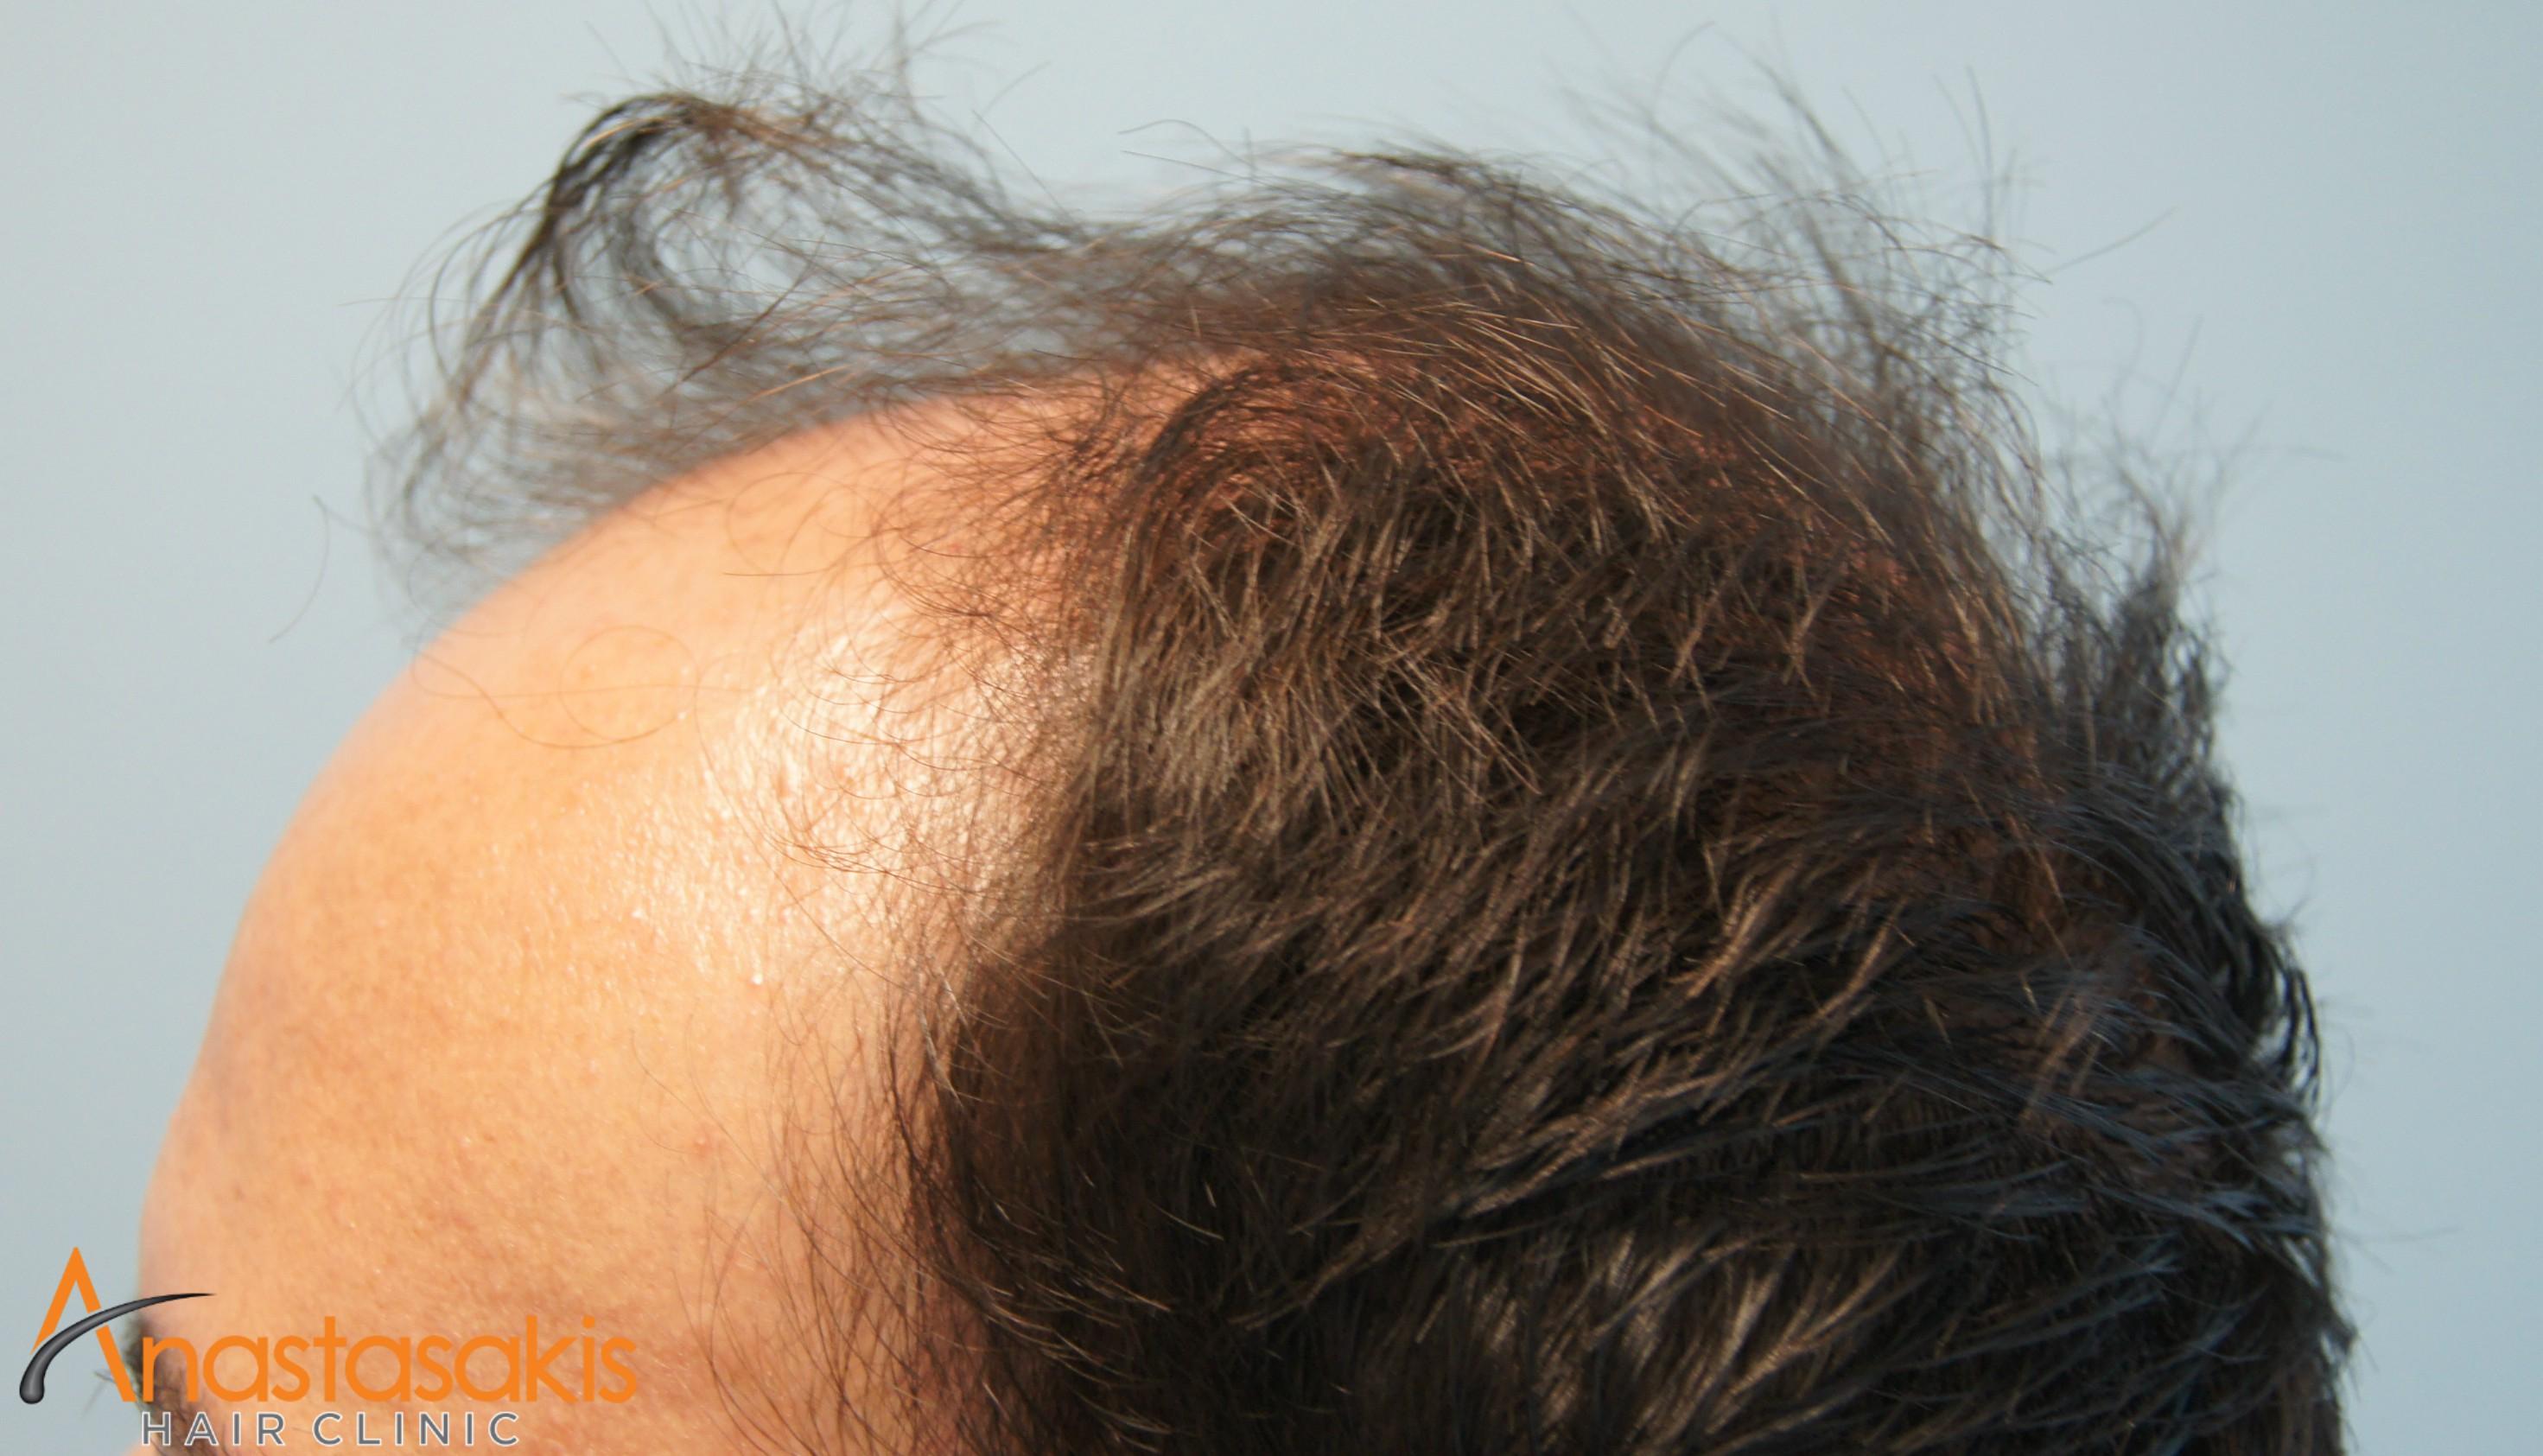 περιστατικό πριν την εμφύτευση μαλλιών fut με 3000fus αριστερό προφίλ